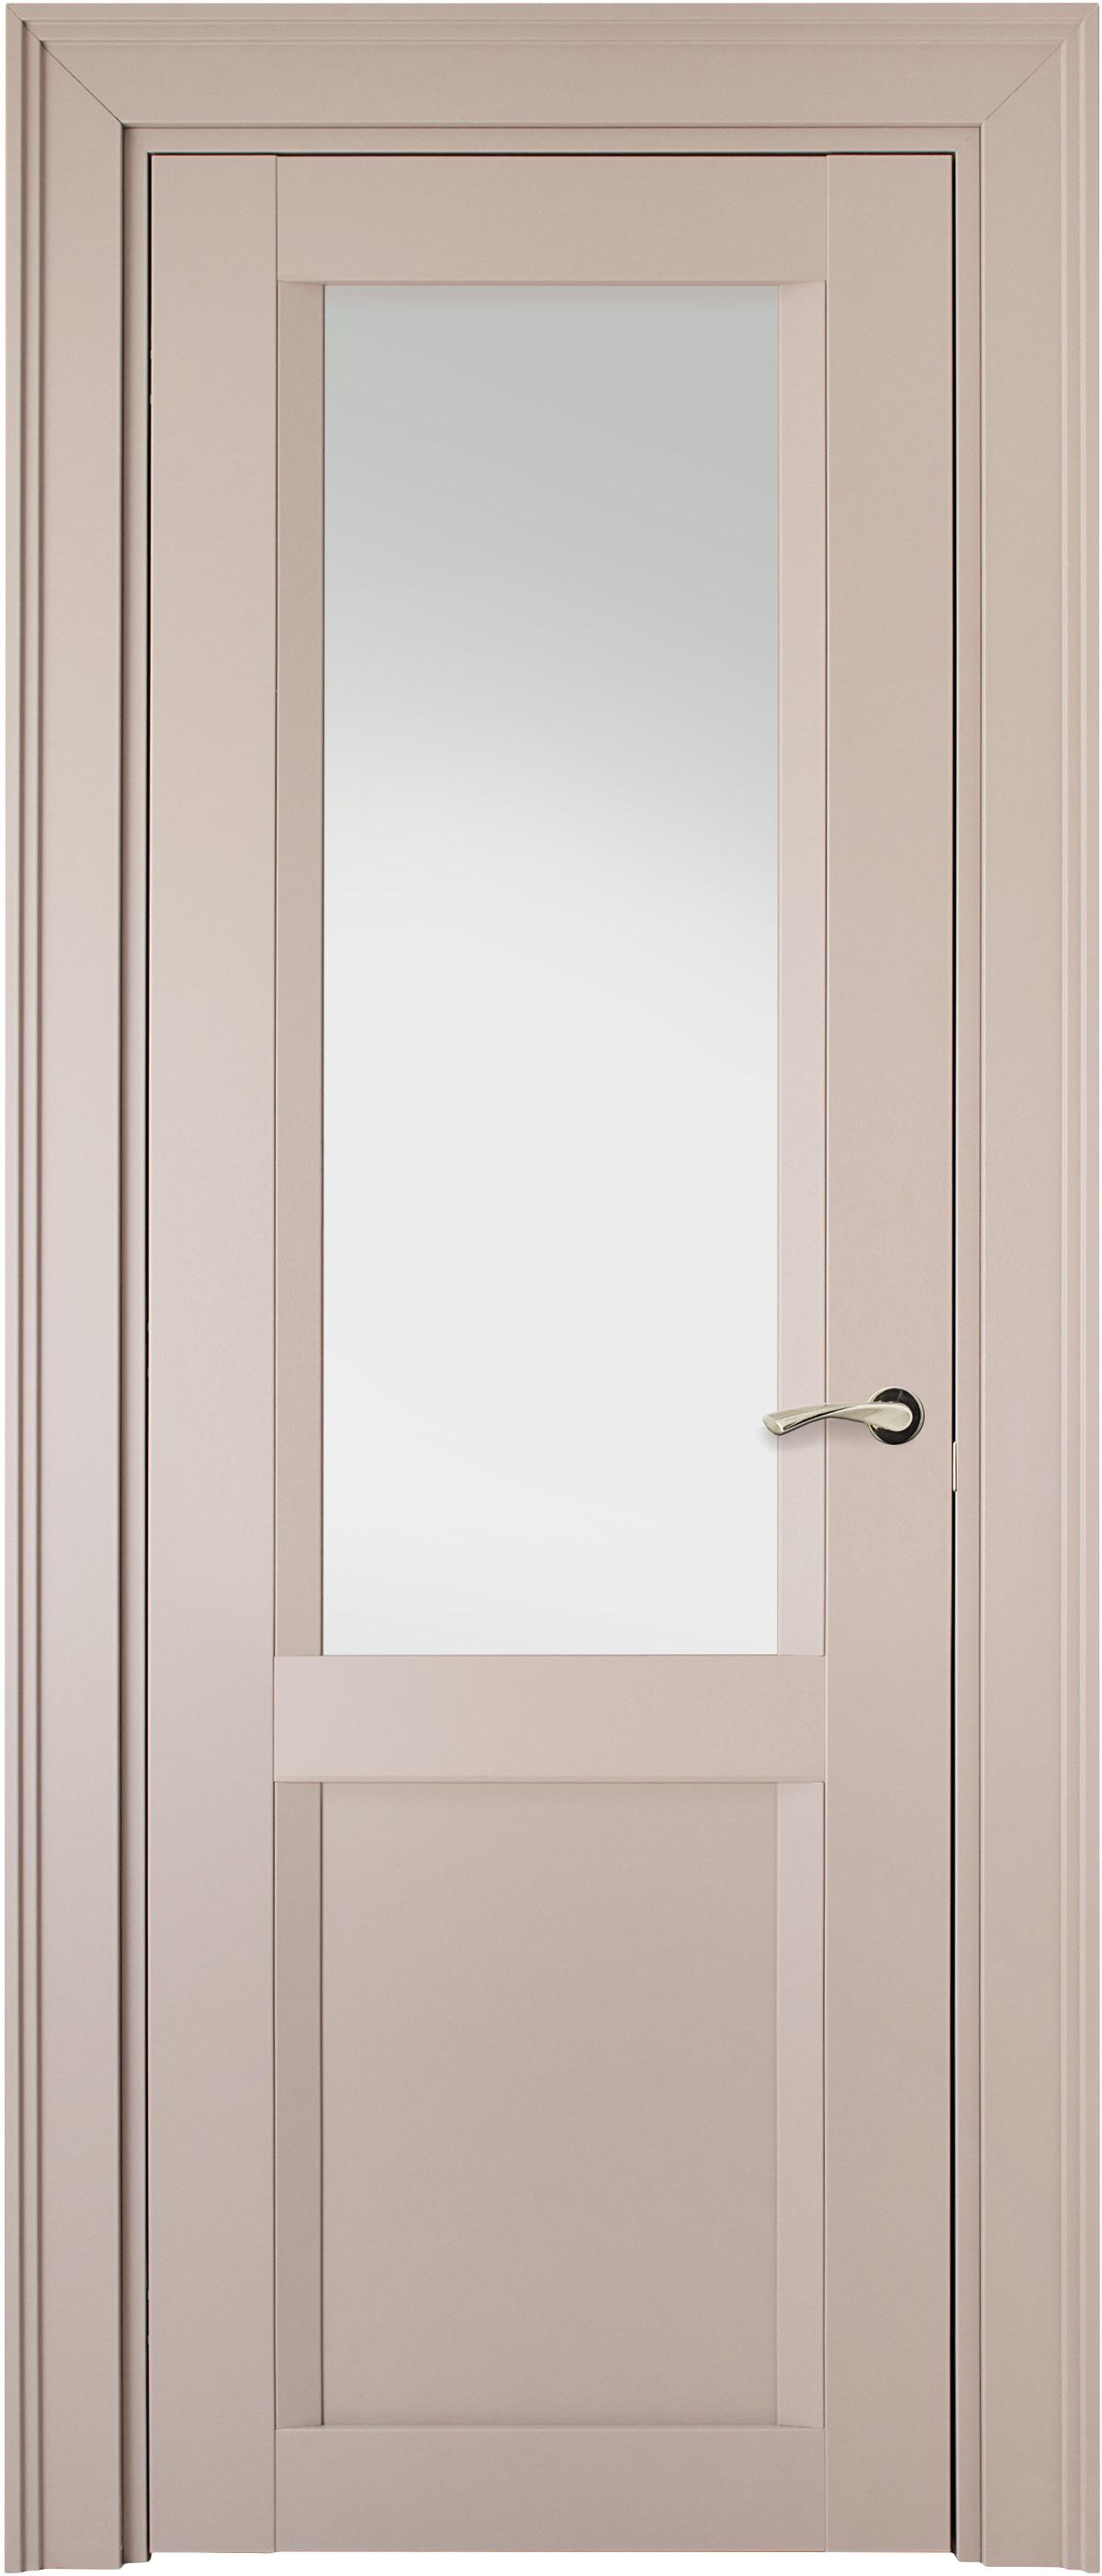 Итальянские двери Scala SB